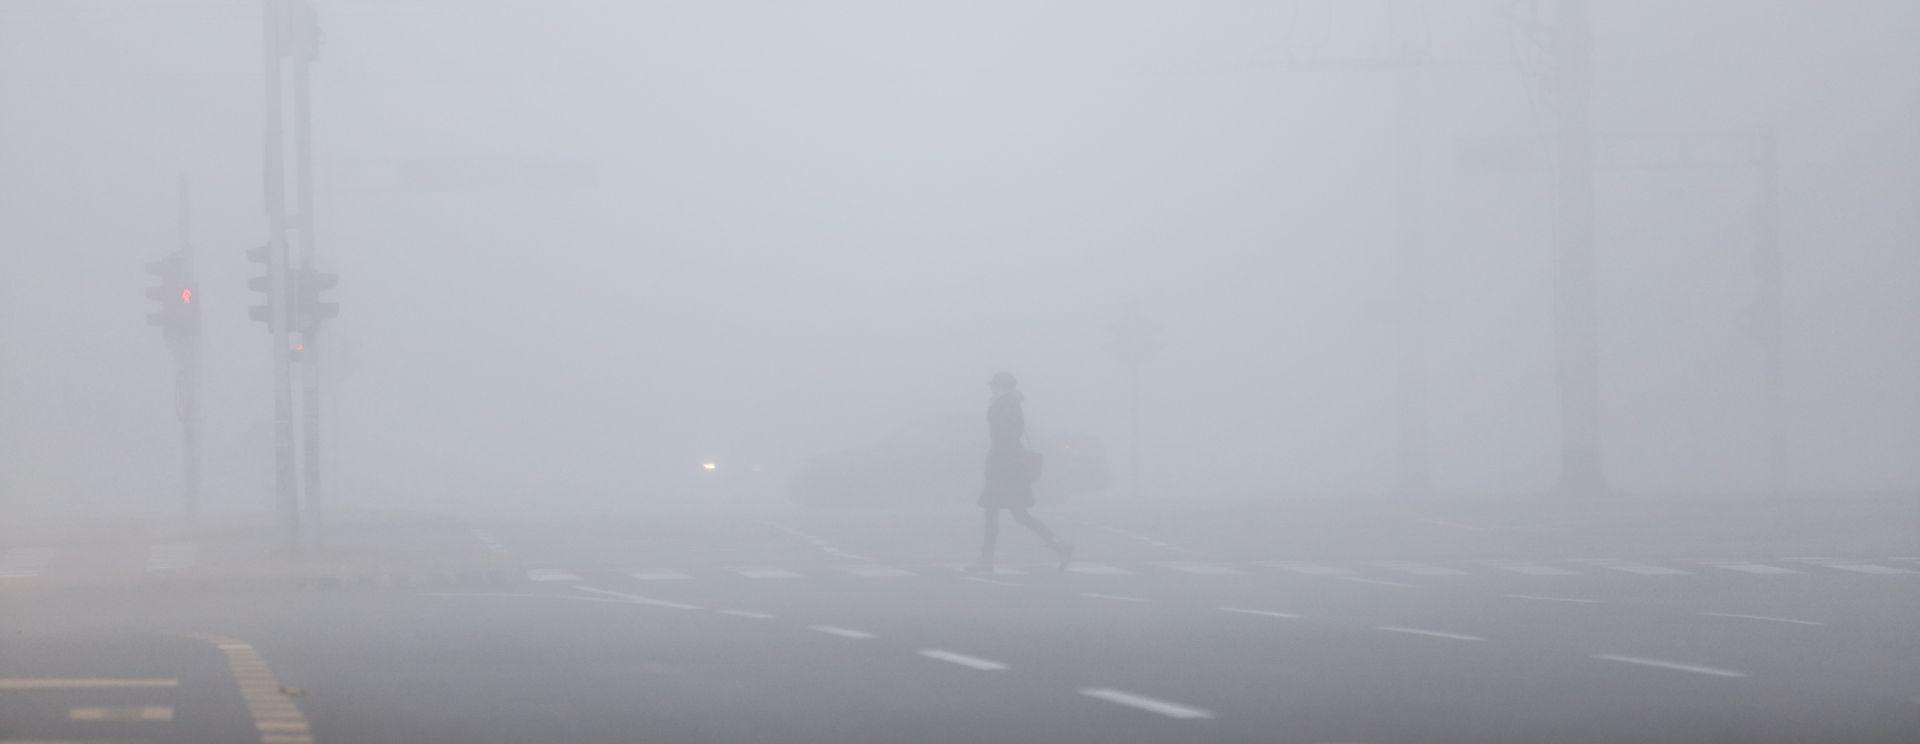 HAK Magla smanjuje vidljivost, moguća poledica u unutrašnjosti